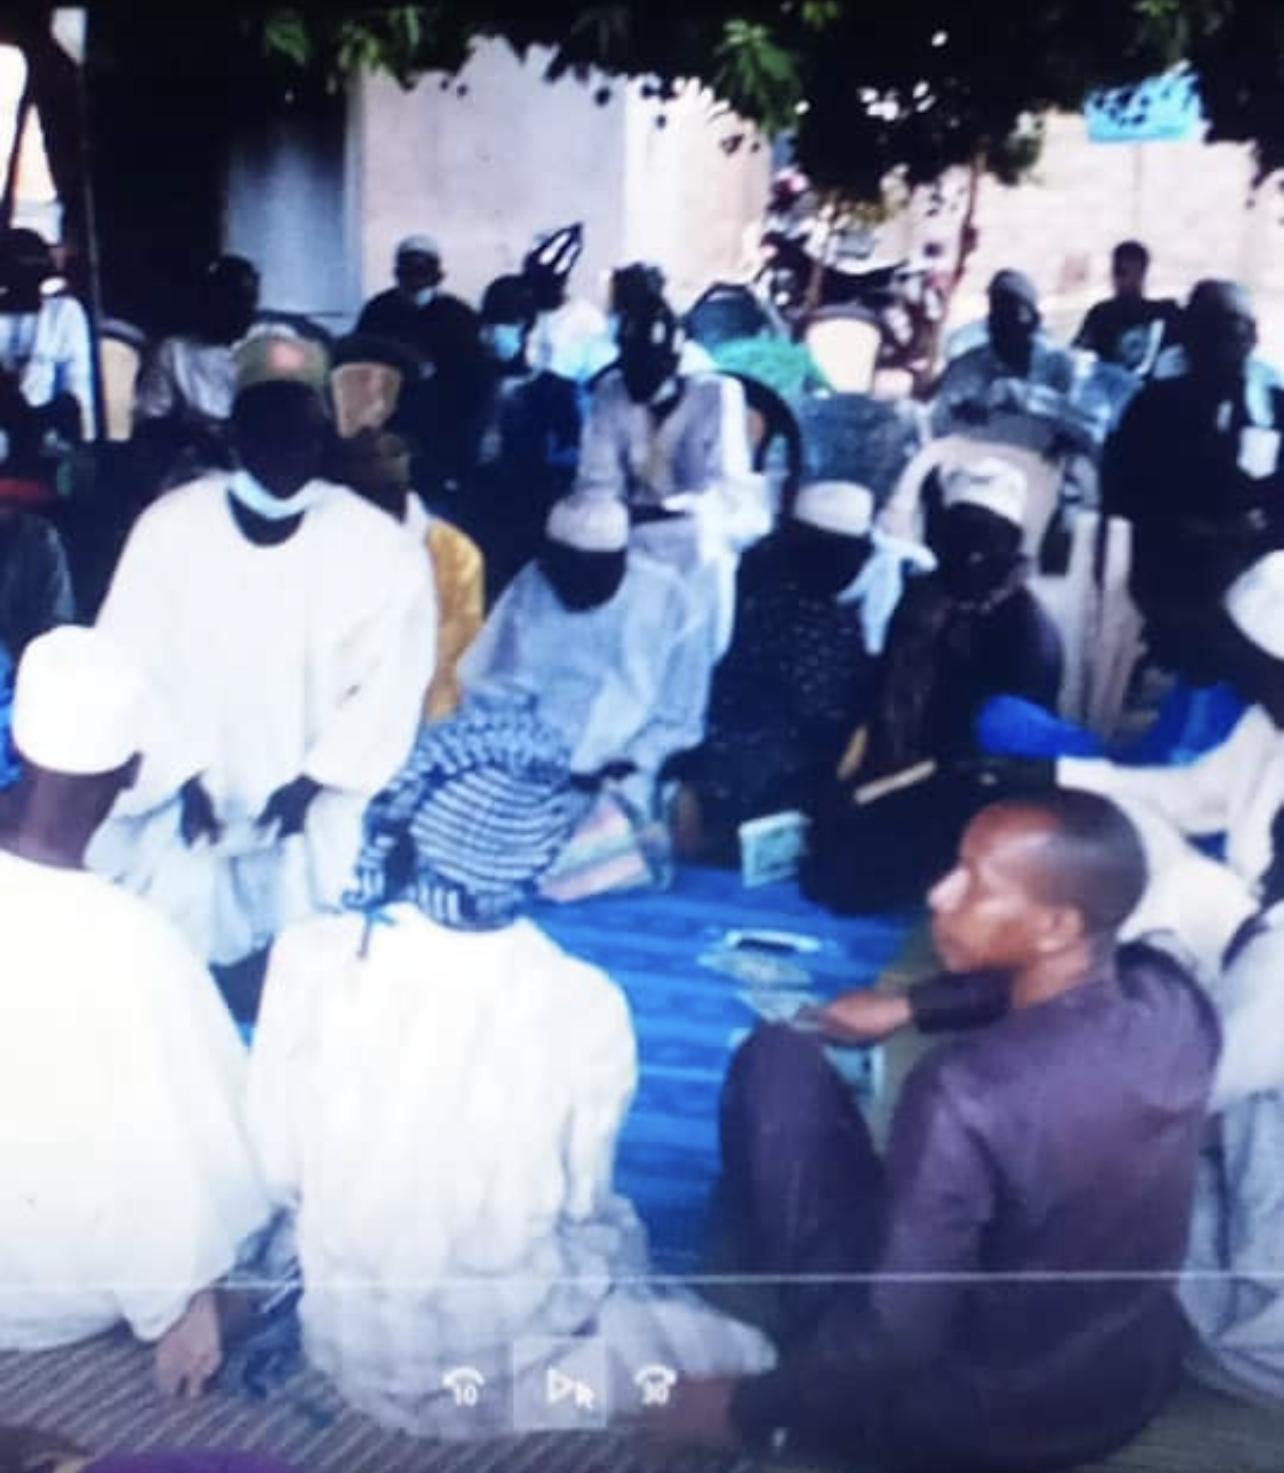 Chérif Mohamed Saïd Aïdara (chef religieux) : « Nous en tant que marabouts, nous ne pouvons que prier pour un climat apaisé… Les jeunes doivent se départir de… »